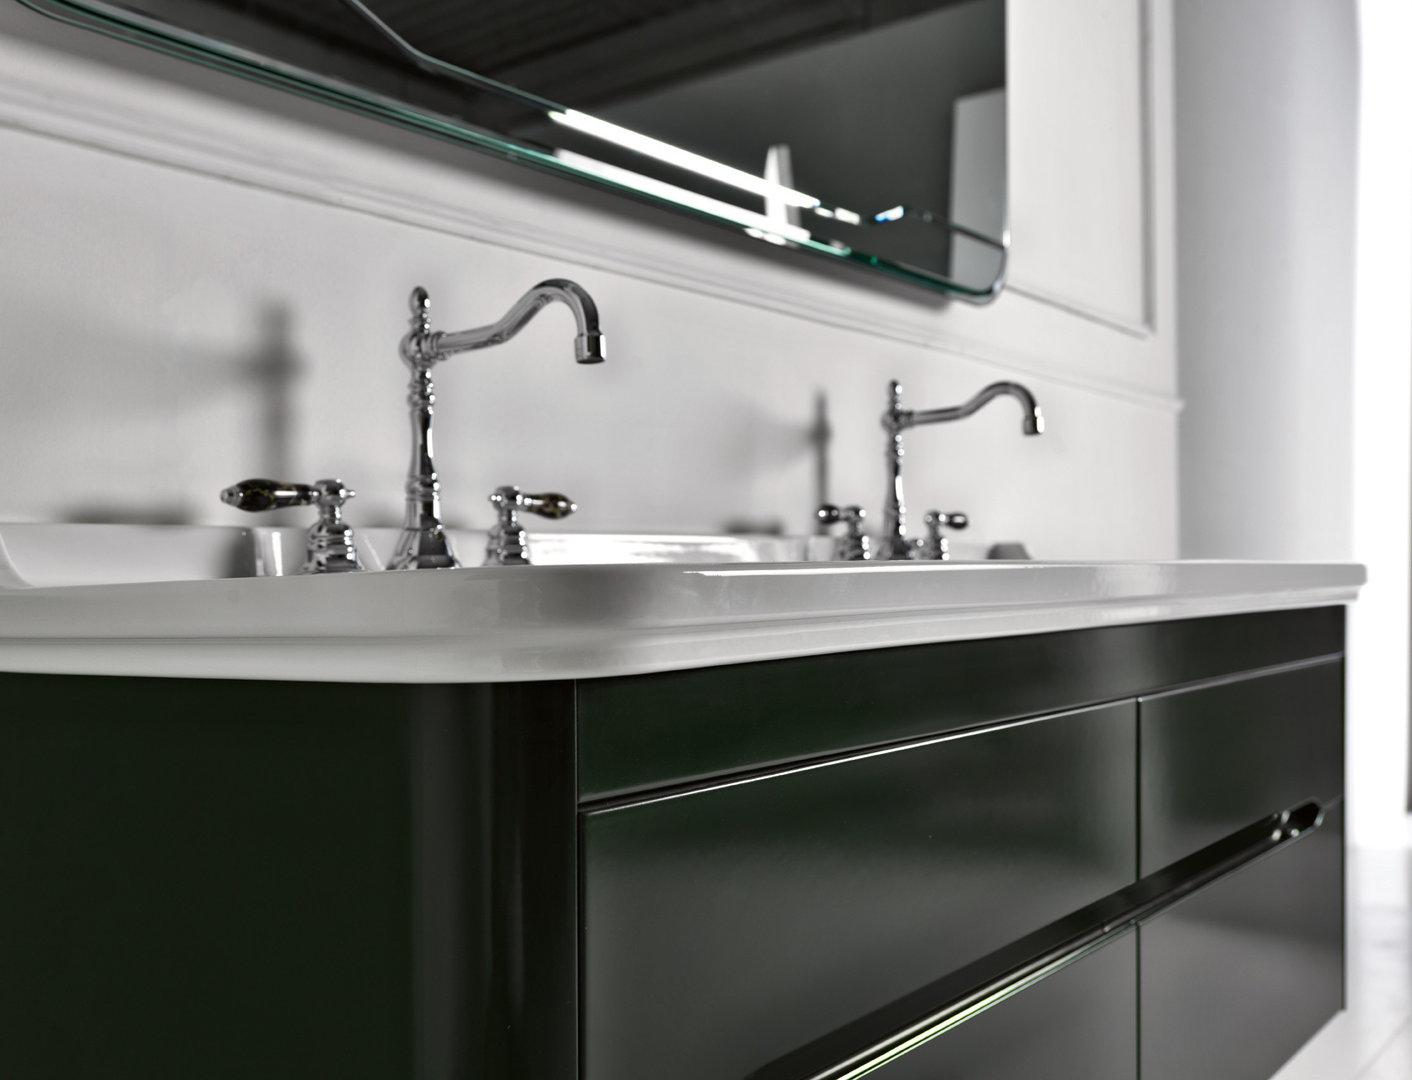 waldorf retro doppel waschtisch 150 cm mit unterschrank. Black Bedroom Furniture Sets. Home Design Ideas